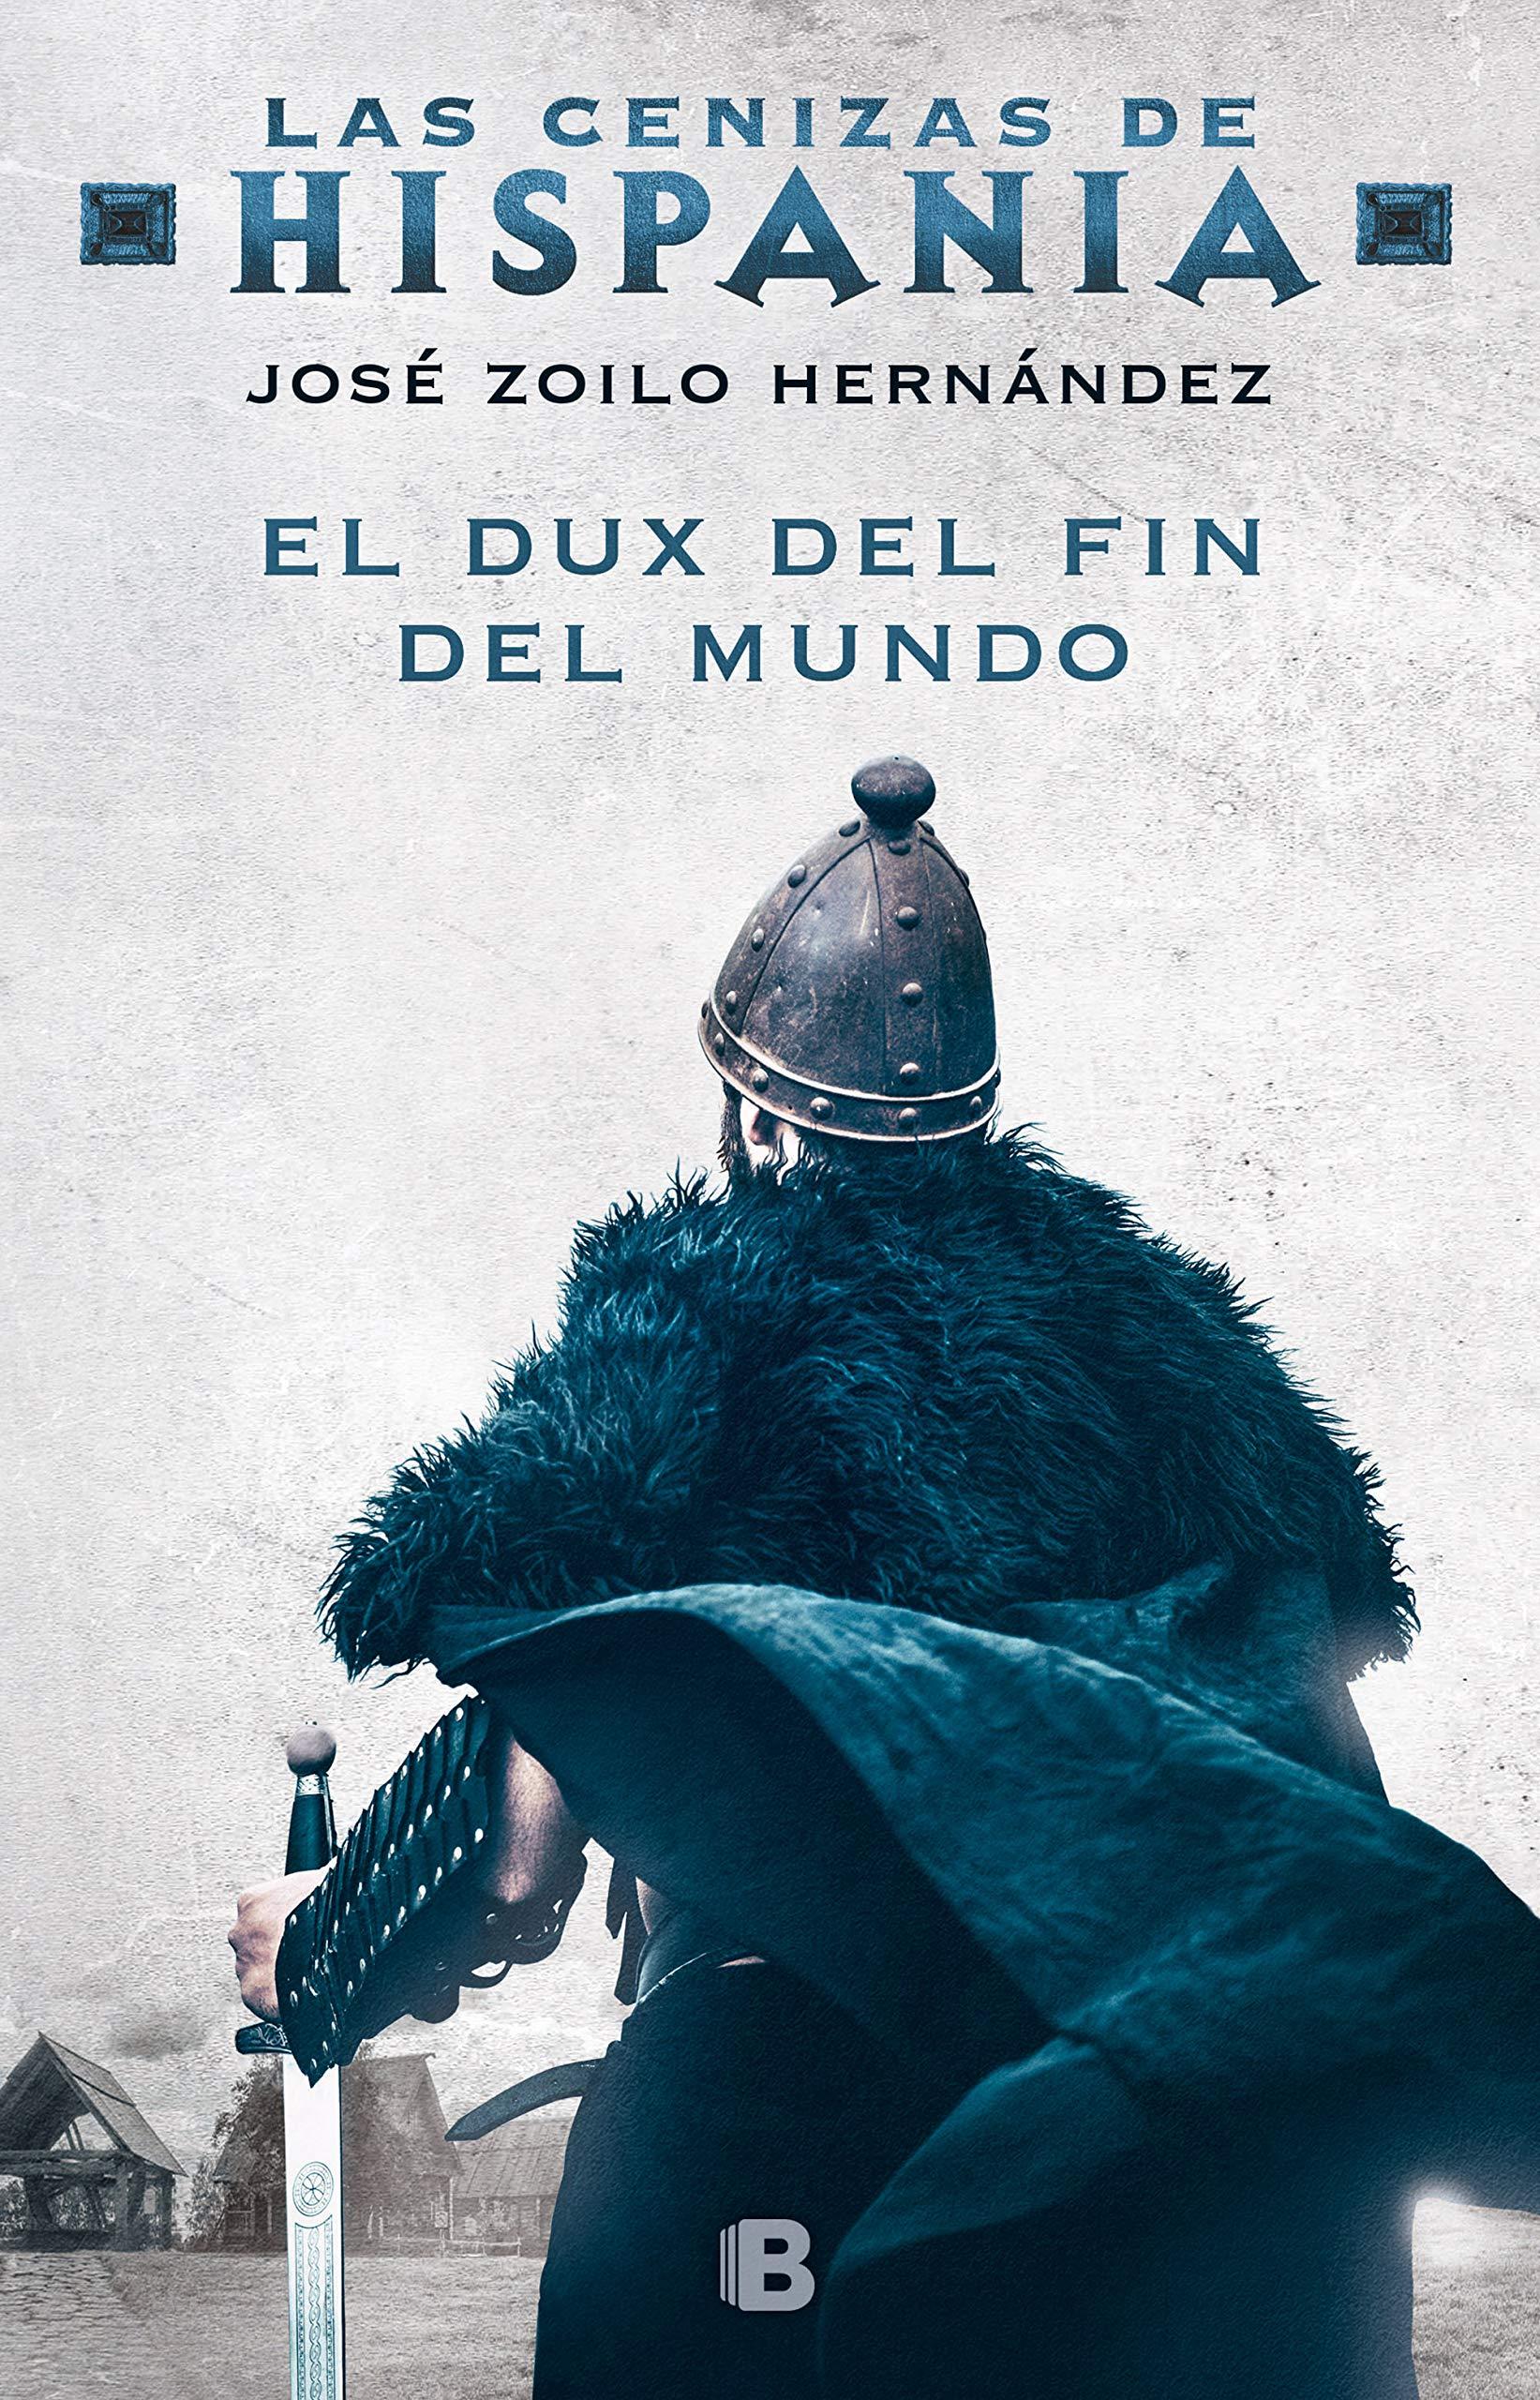 El dux del fin del mundo (Las cenizas de Hispania 3): Amazon.es: Zoilo Hernández, José: Libros